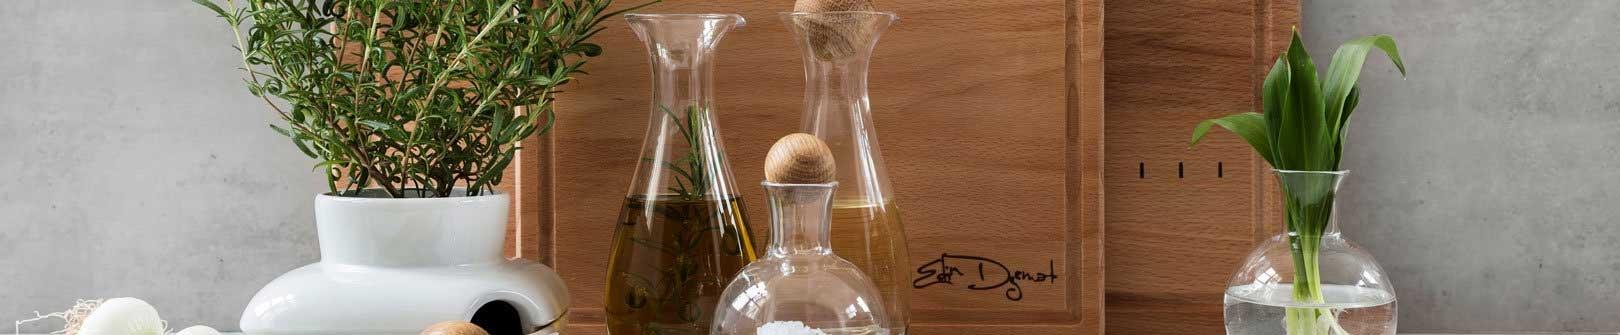 Essig & Ölflaschen